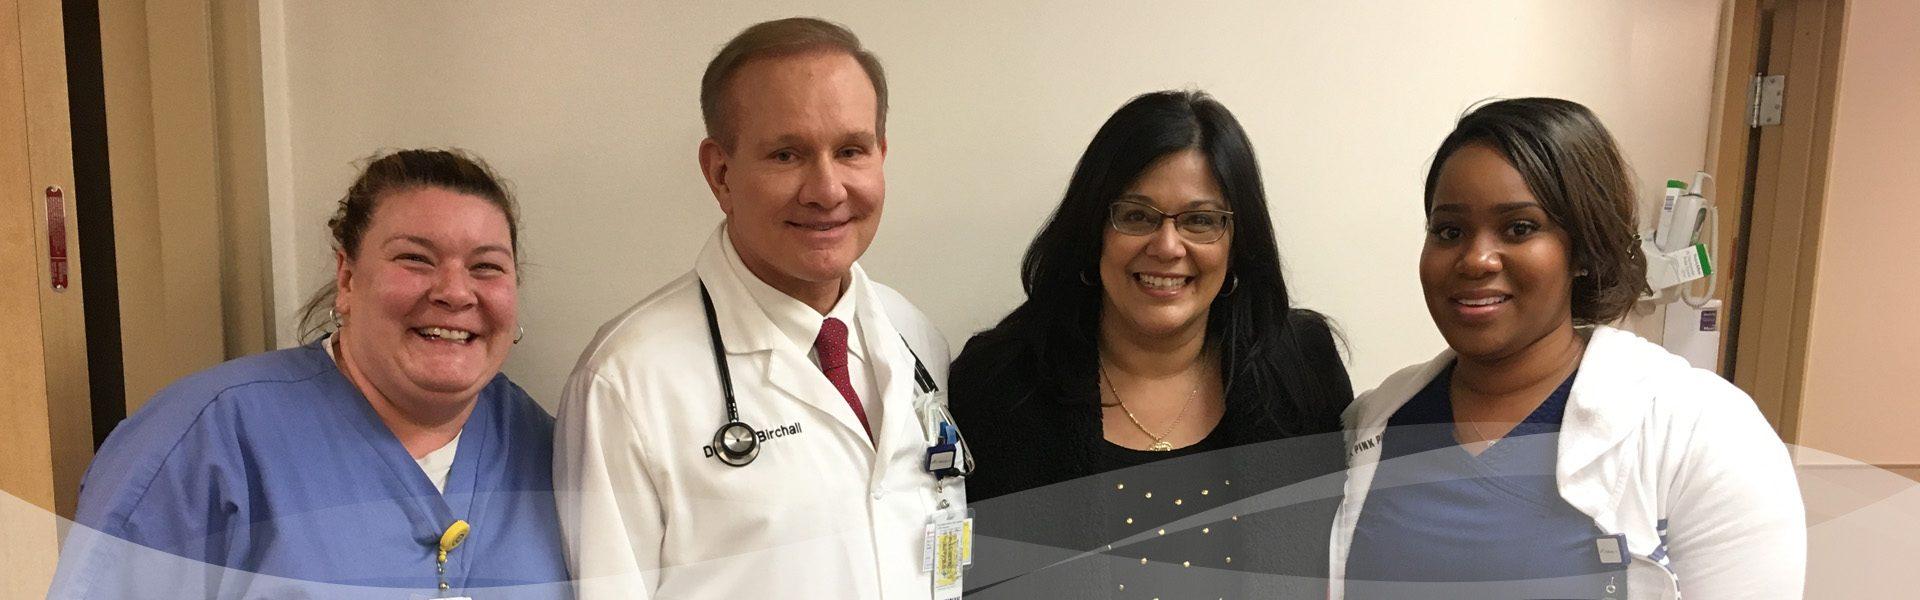 sudden cardiac arrest patient story